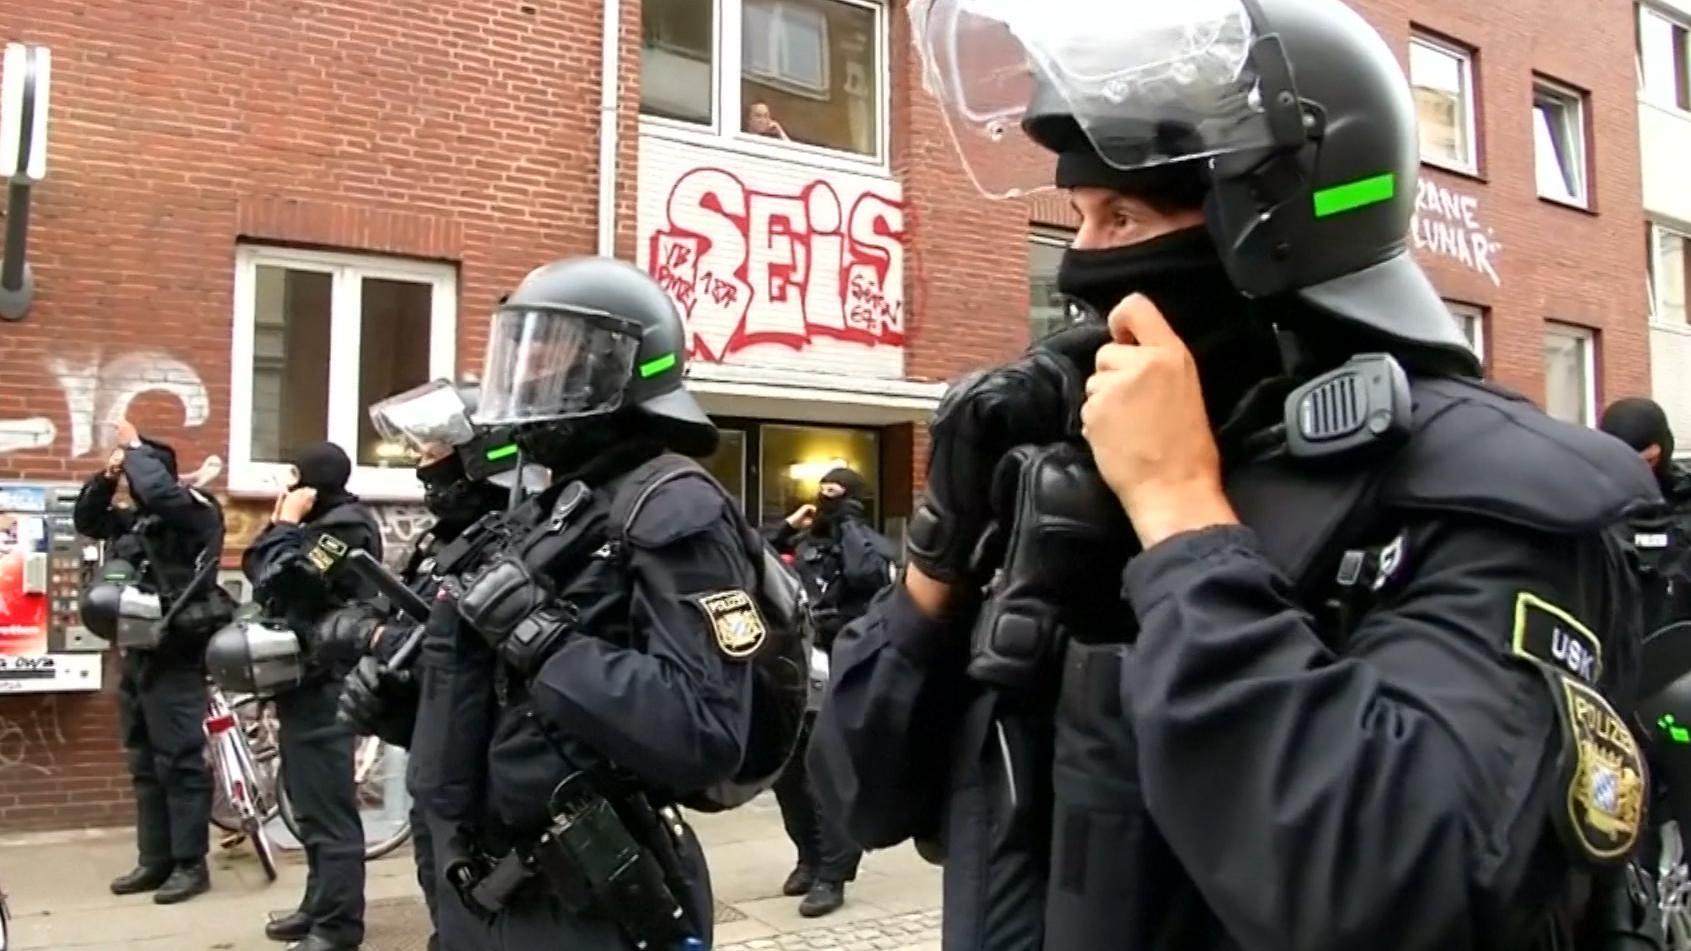 Nach Recherchen der Rundschau ermittelt das Polizeipräsidium München gegen 14 eigene Leute wegen antisemitischer Videos auf deren Handys.